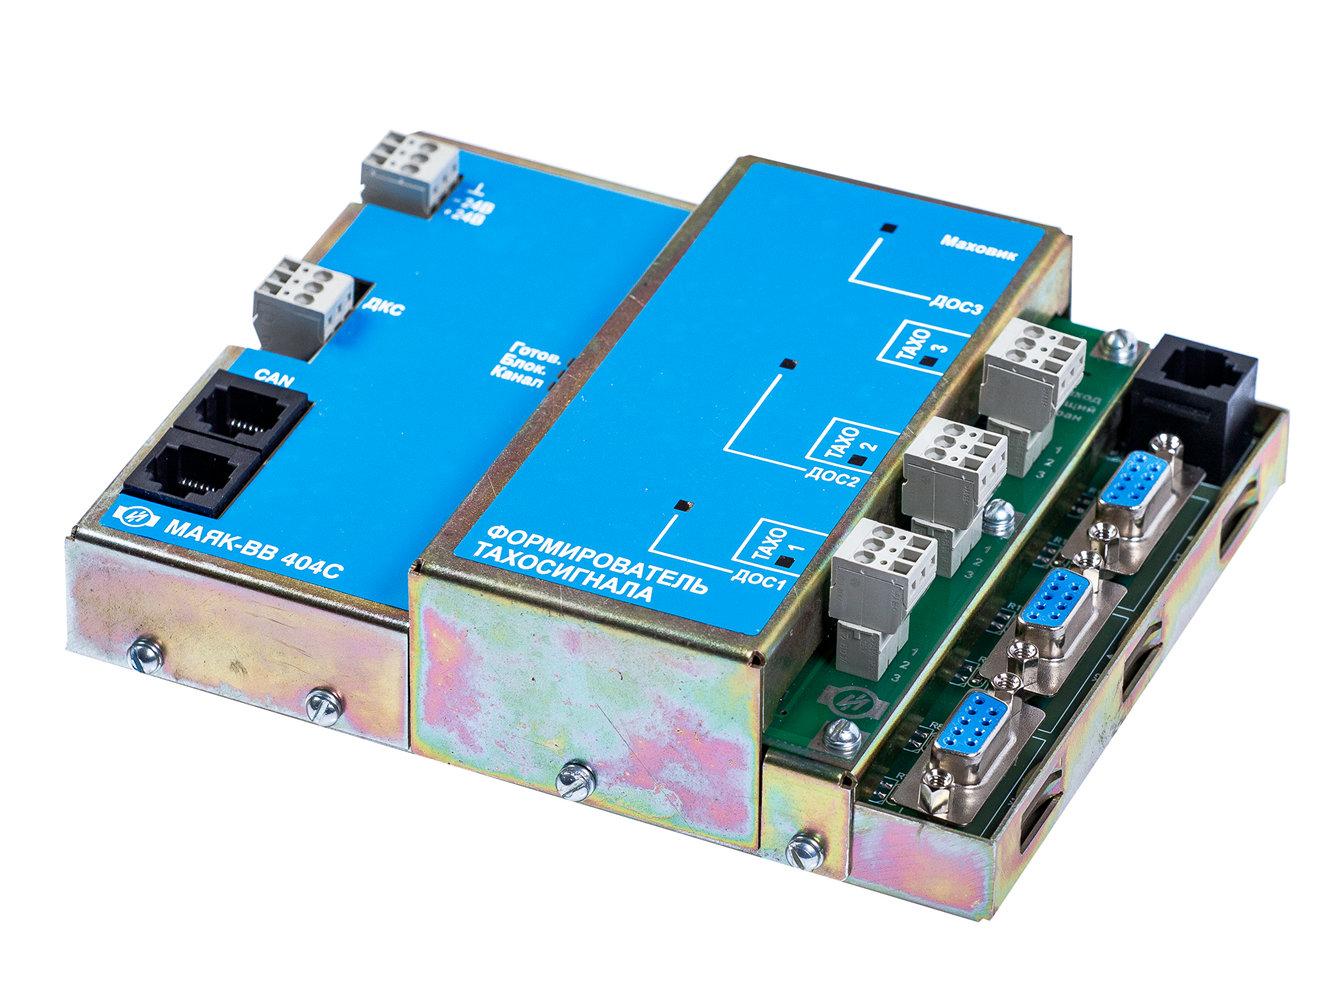 Маяк-ВВ 404С с формирователем тахосигнала